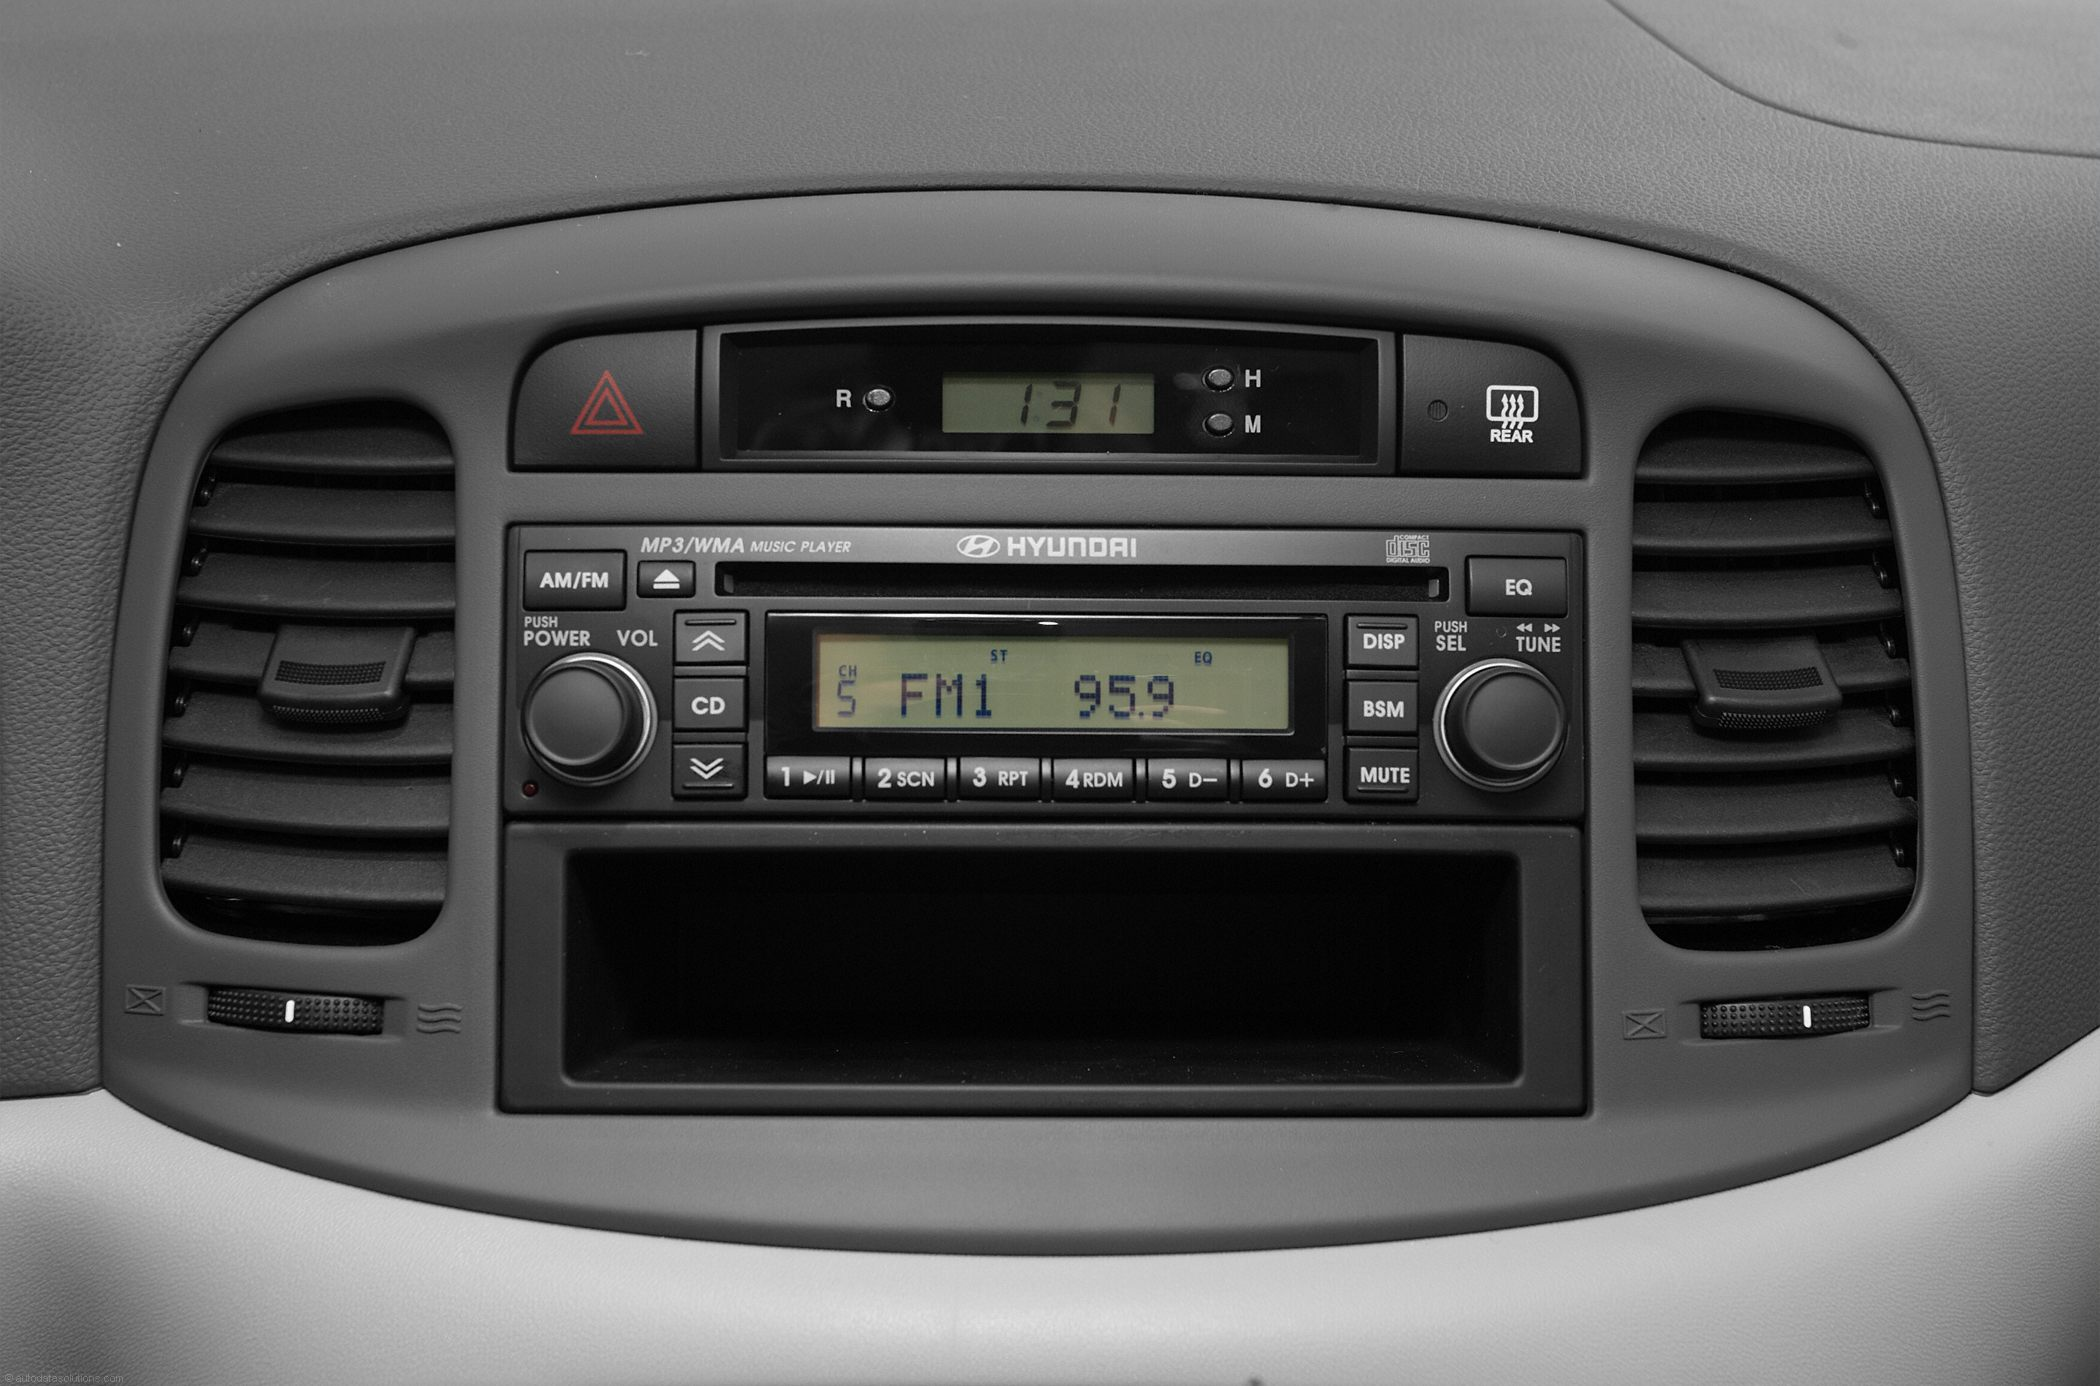 2008 Hyundai Accent Gls Interior Www Indiepedia Org